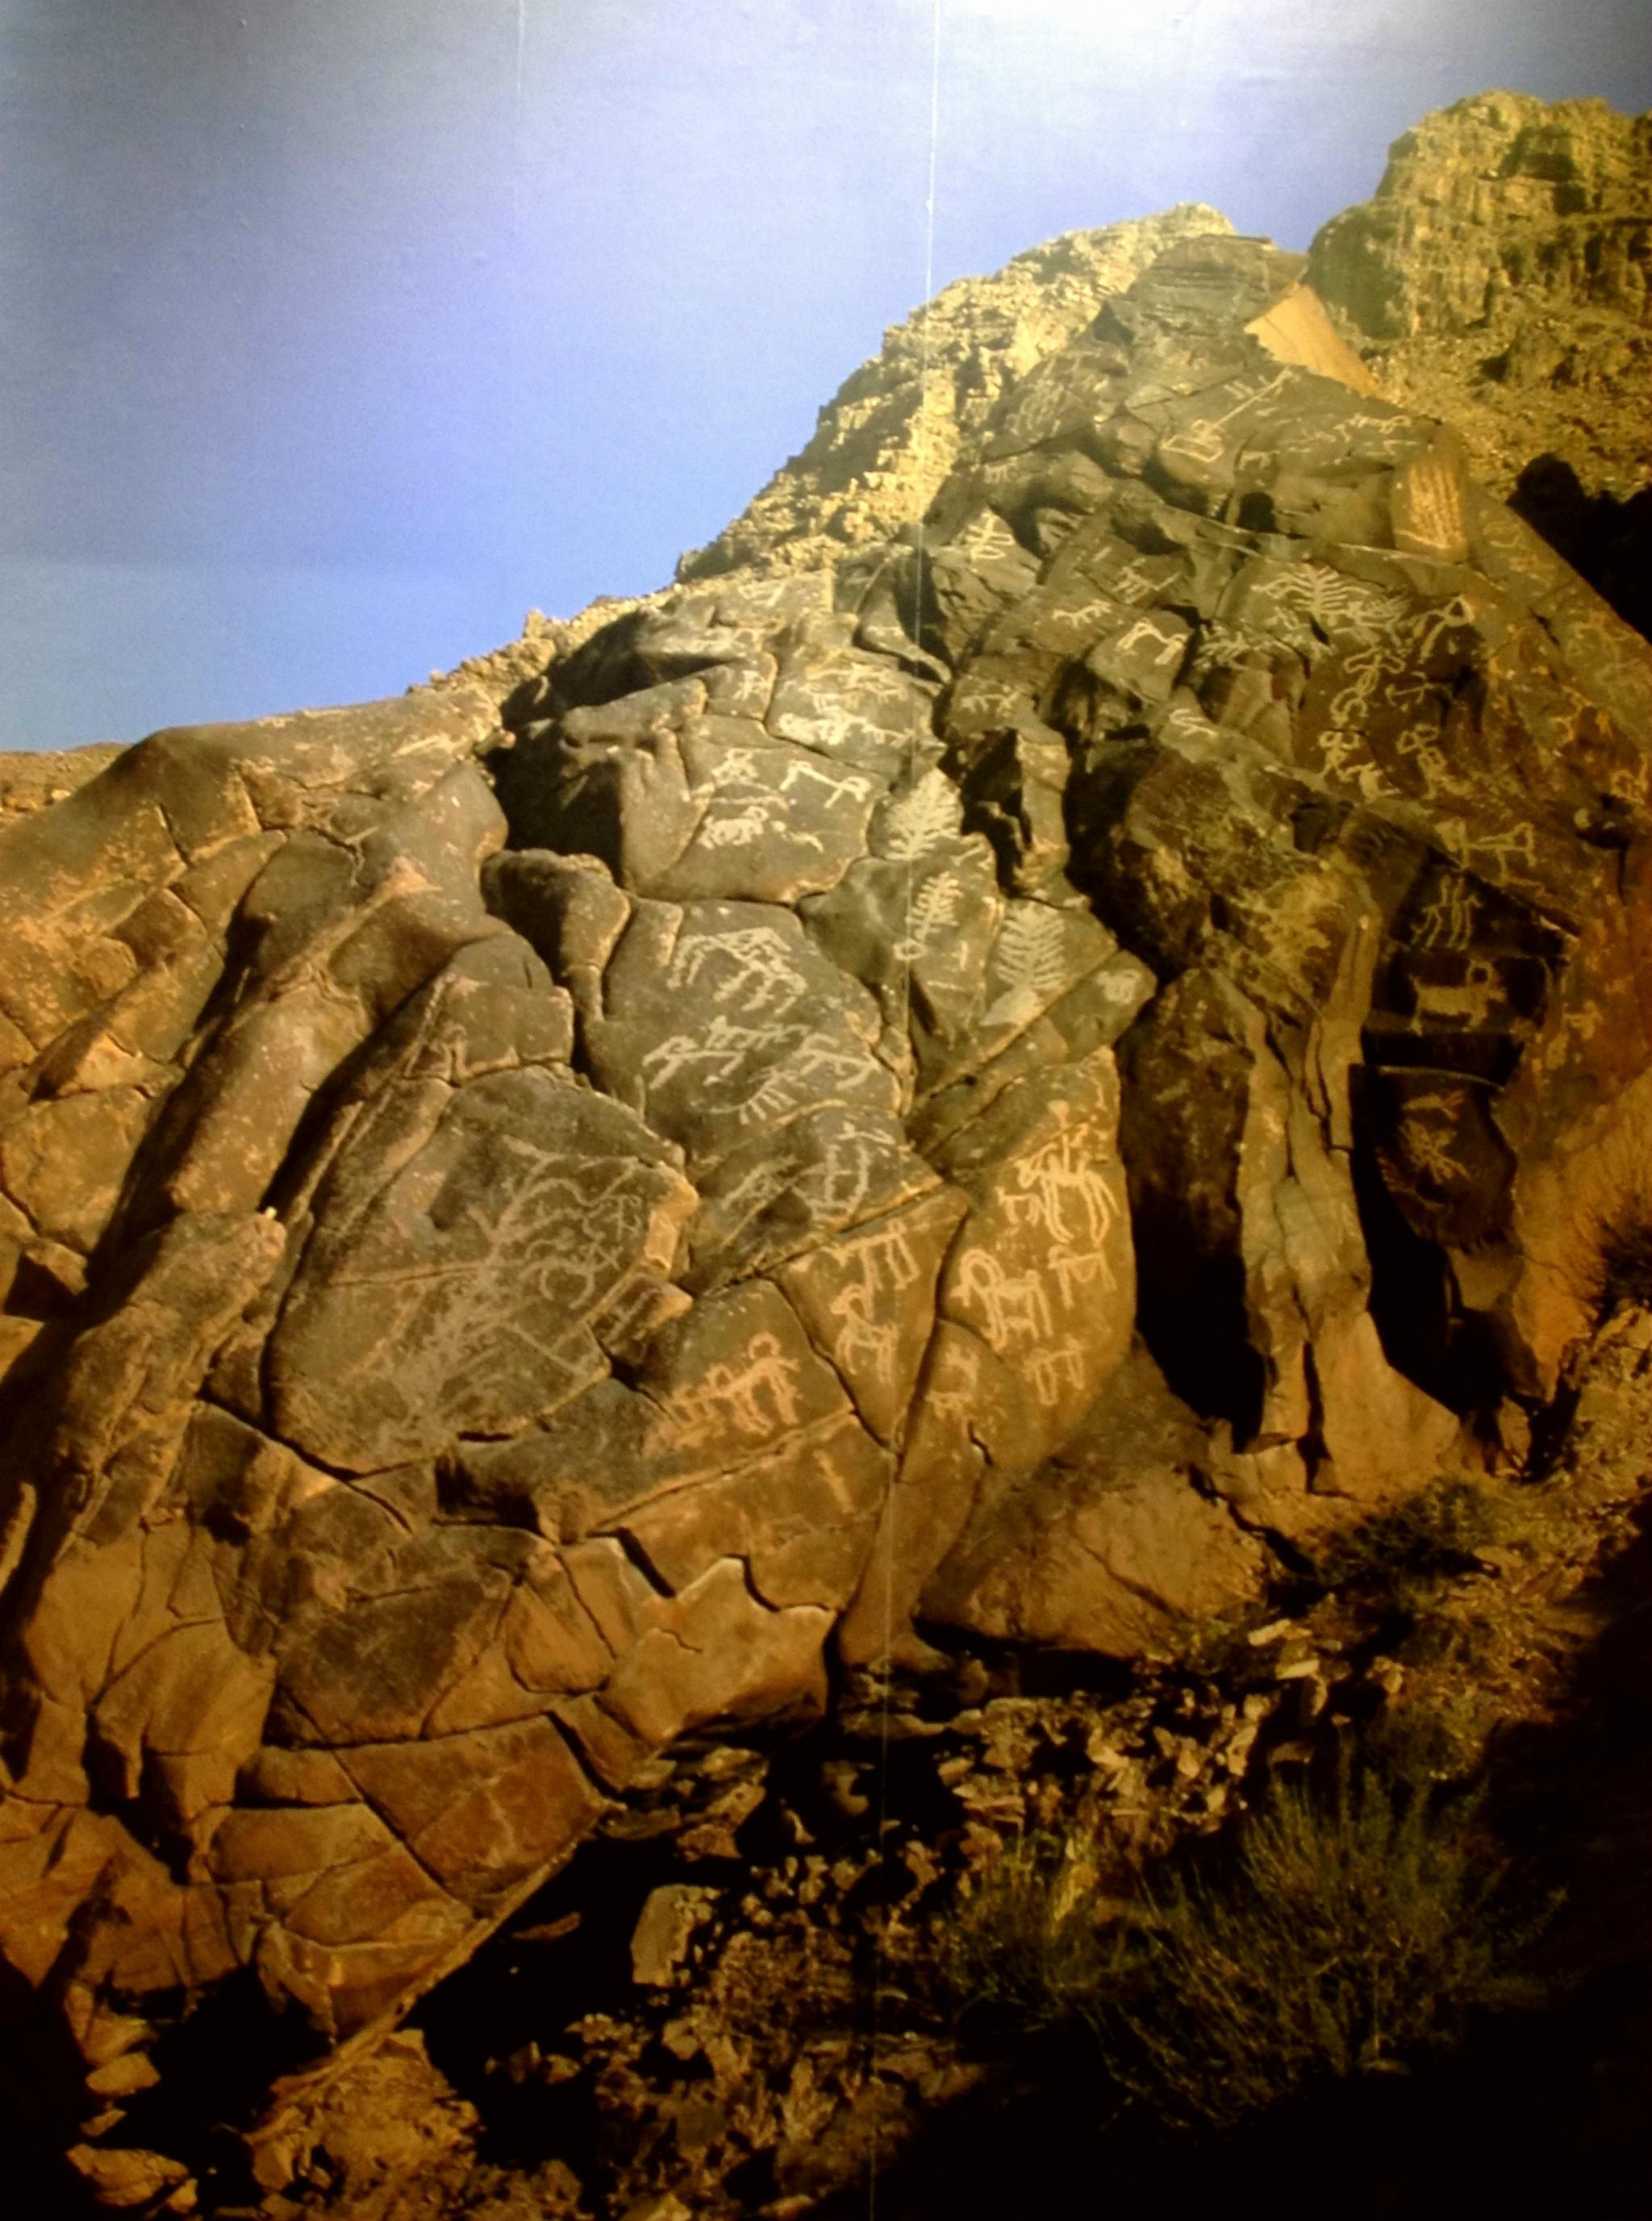 世界上规模最大的岩画专题博物馆银川世界岩画馆位于贺兰山岩画风景区